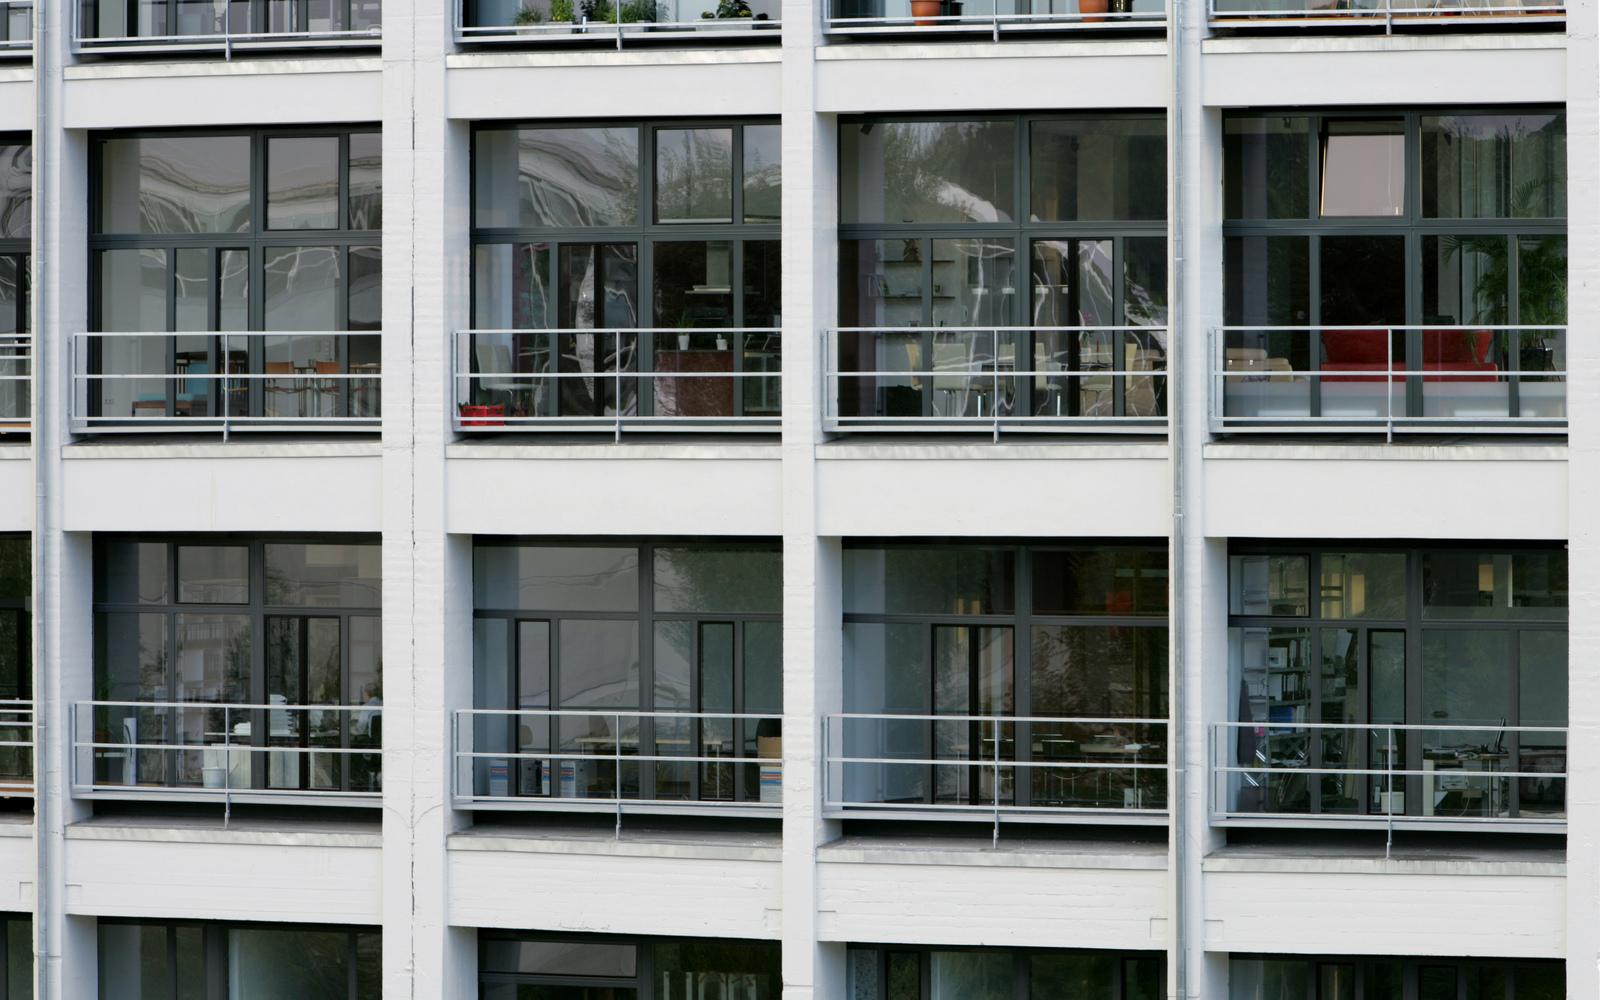 Architekten Ulm braunger wörtz architekten ulm 082 revitalisierung stadtregal ba2